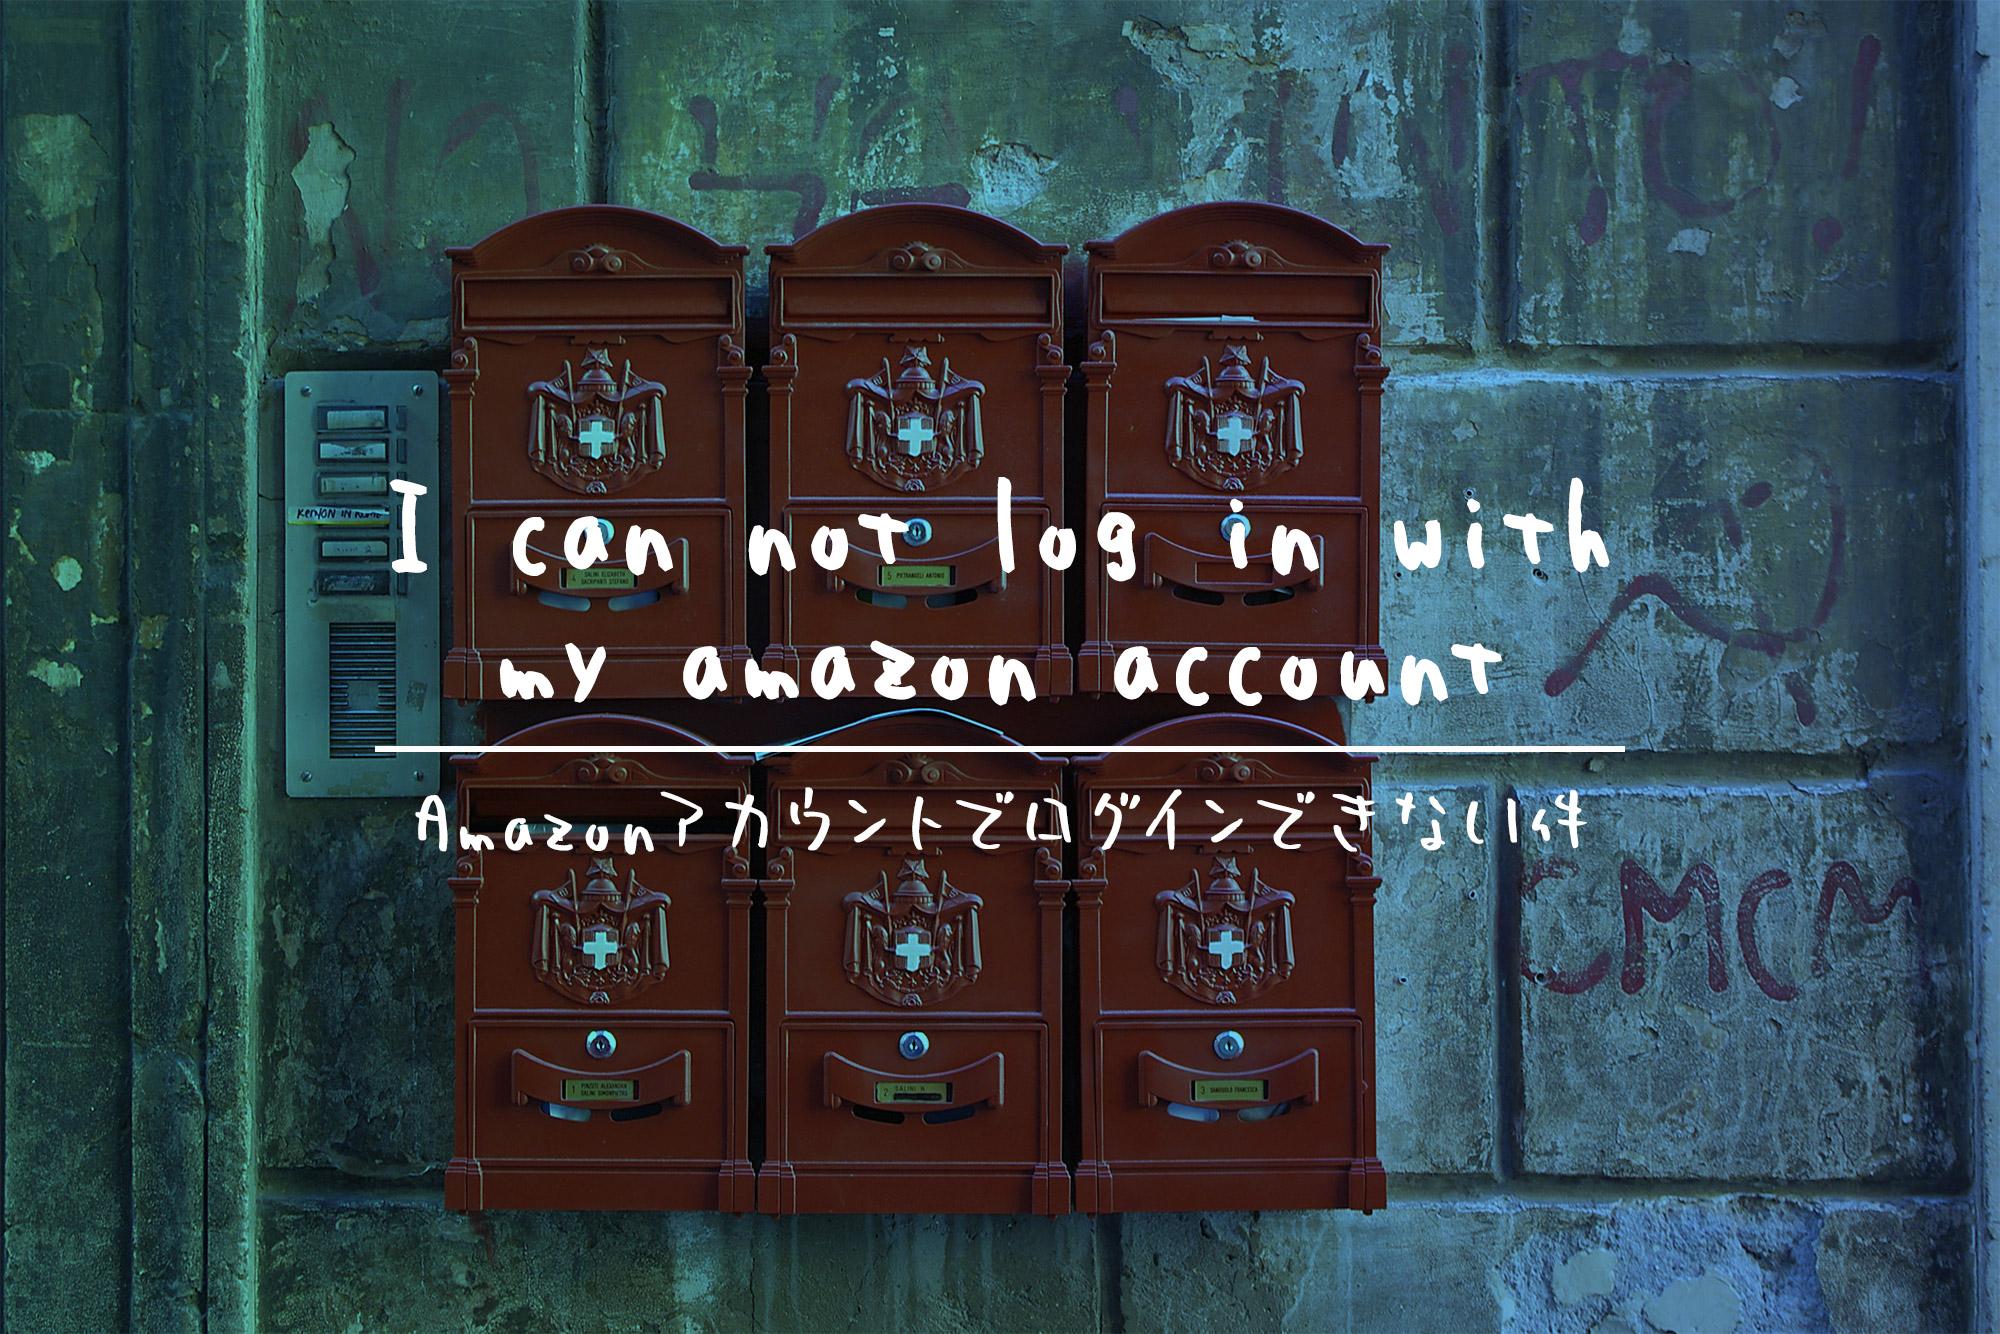 Amazonアカウントにログインできない